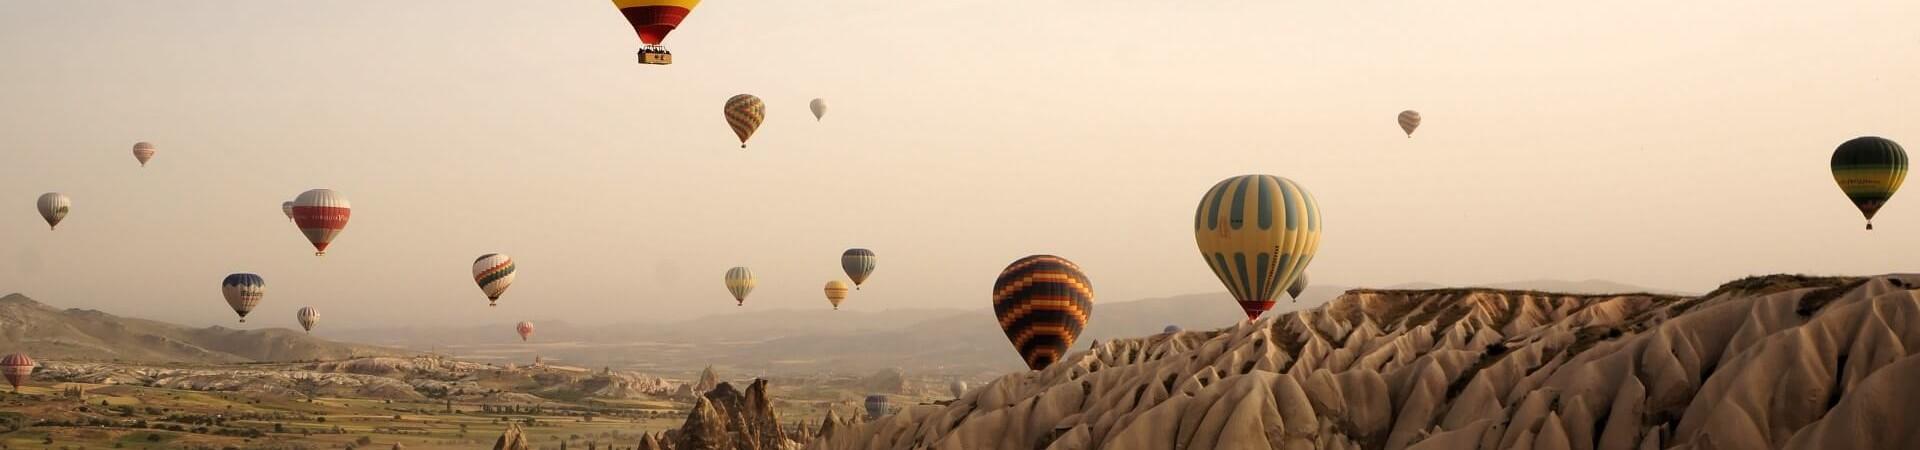 Kapadocja lot balonem